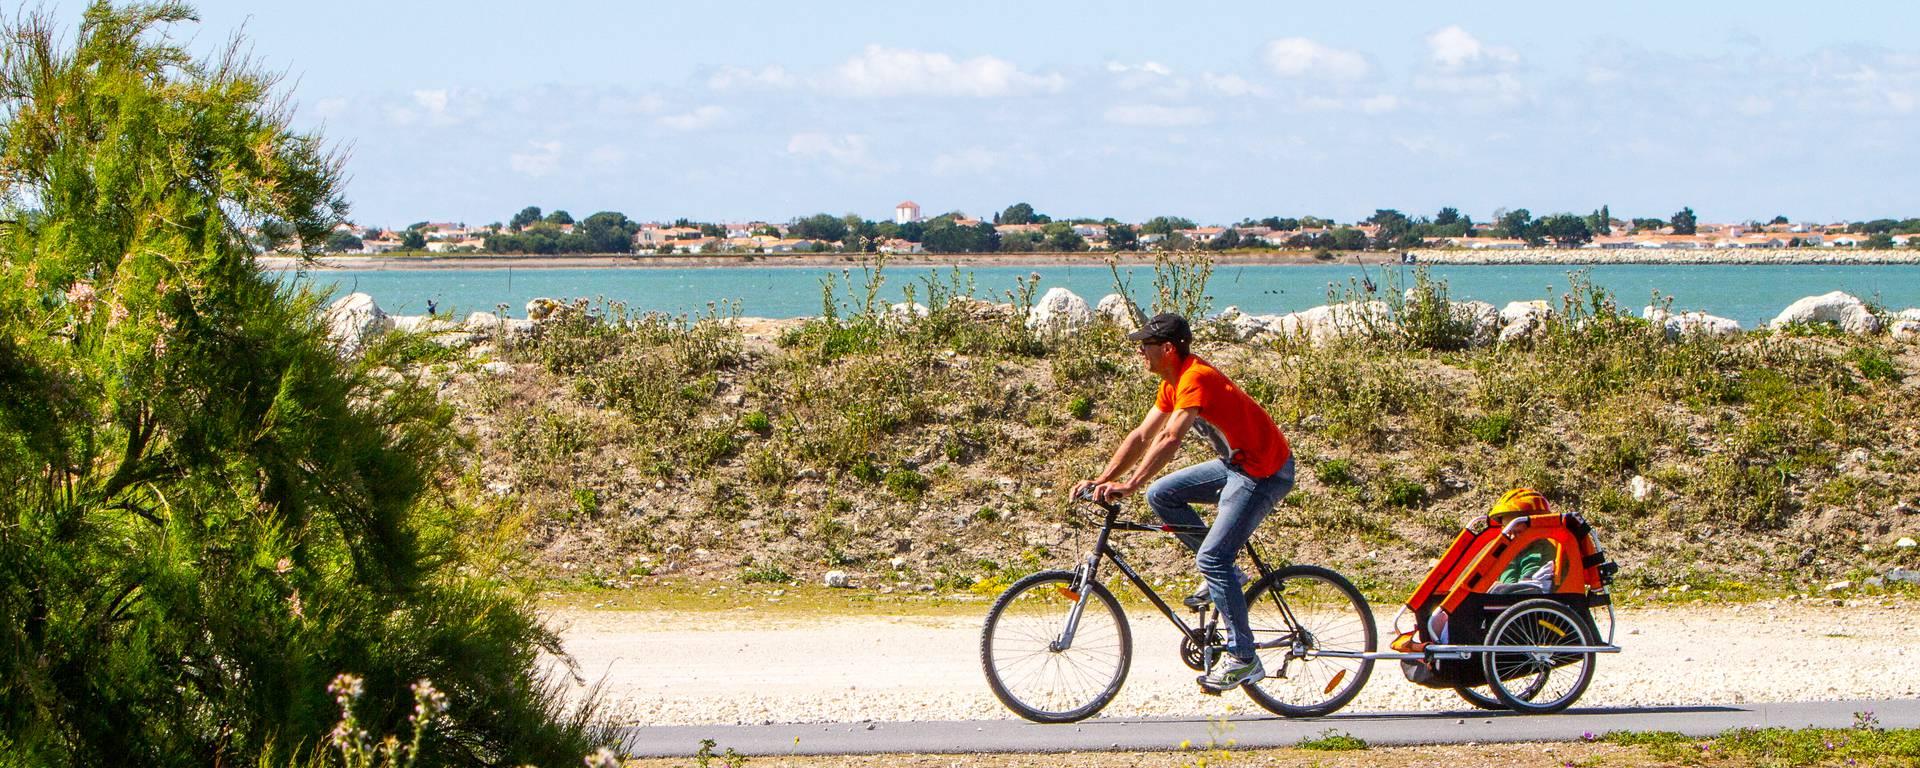 Les pistes cyclables à l'Île de Ré par François Blanchard